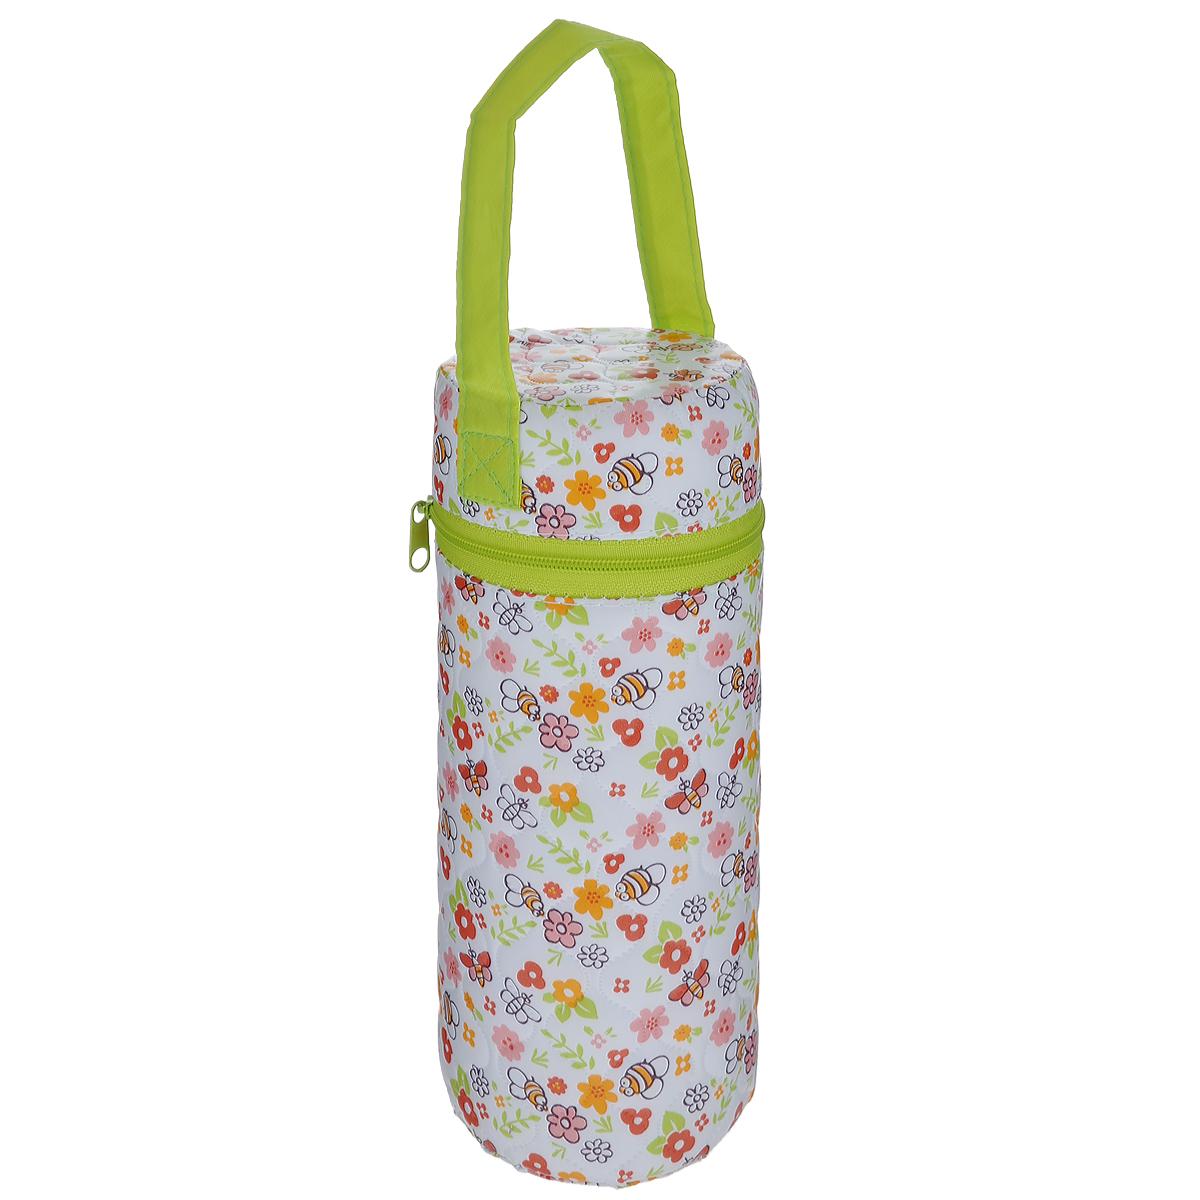 Контейнер для бутылочки Мир детства Пчелки, трехслойный, цвет: белый, салатовый